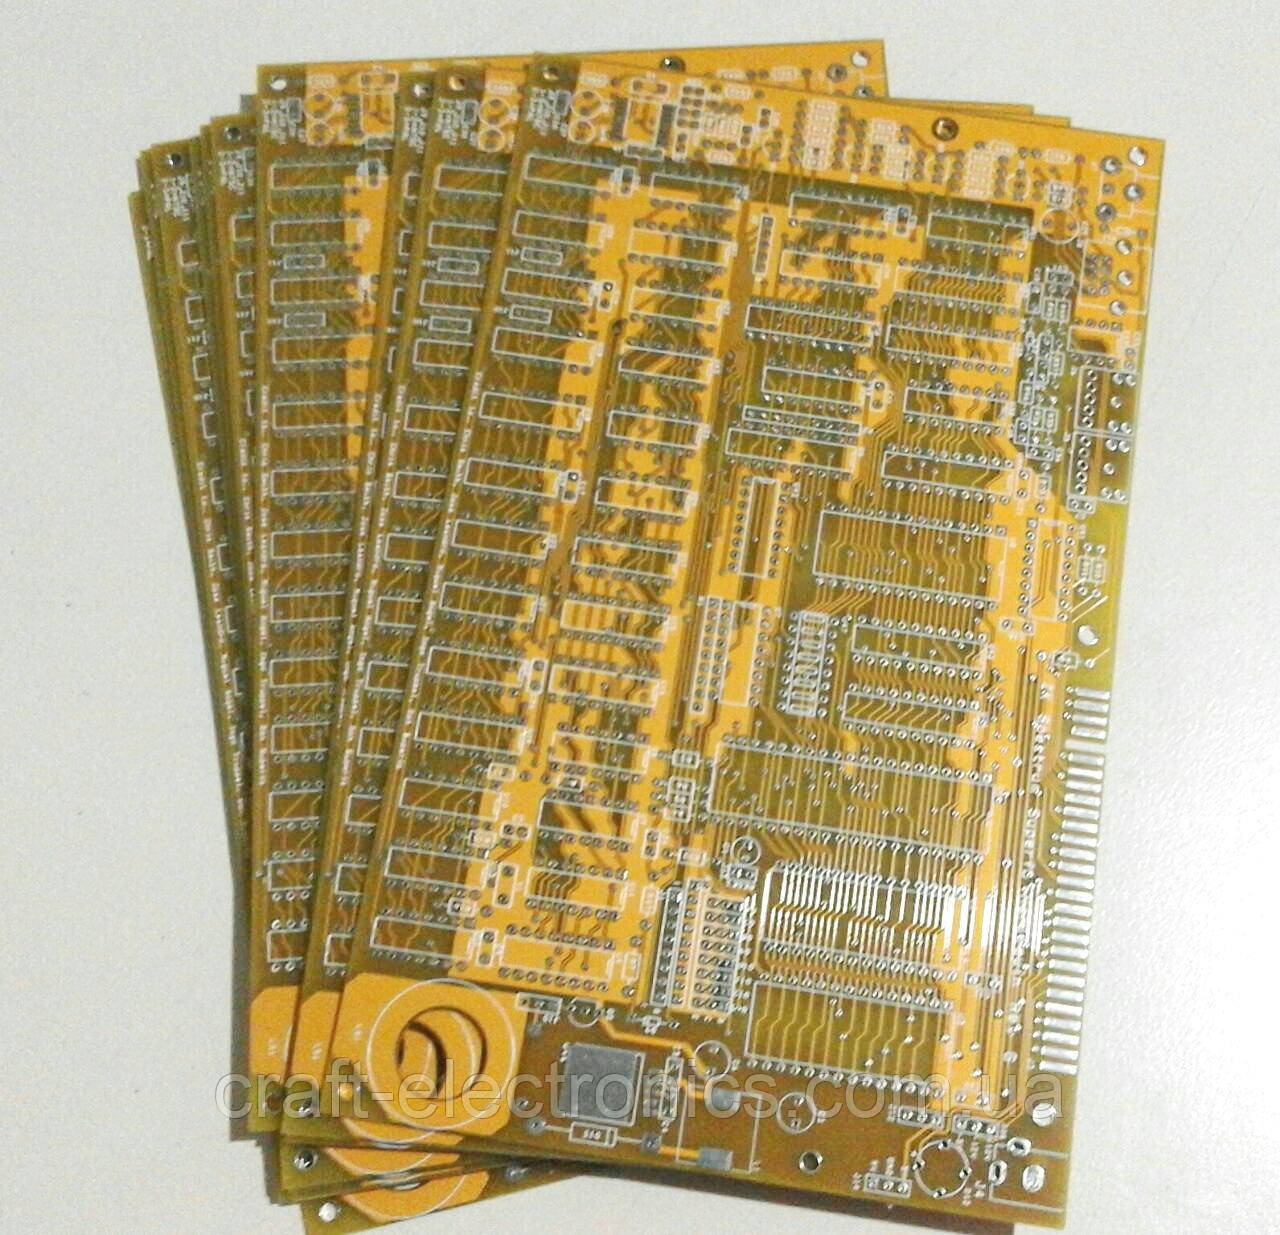 ZX Spectrum печатная плата для сборки